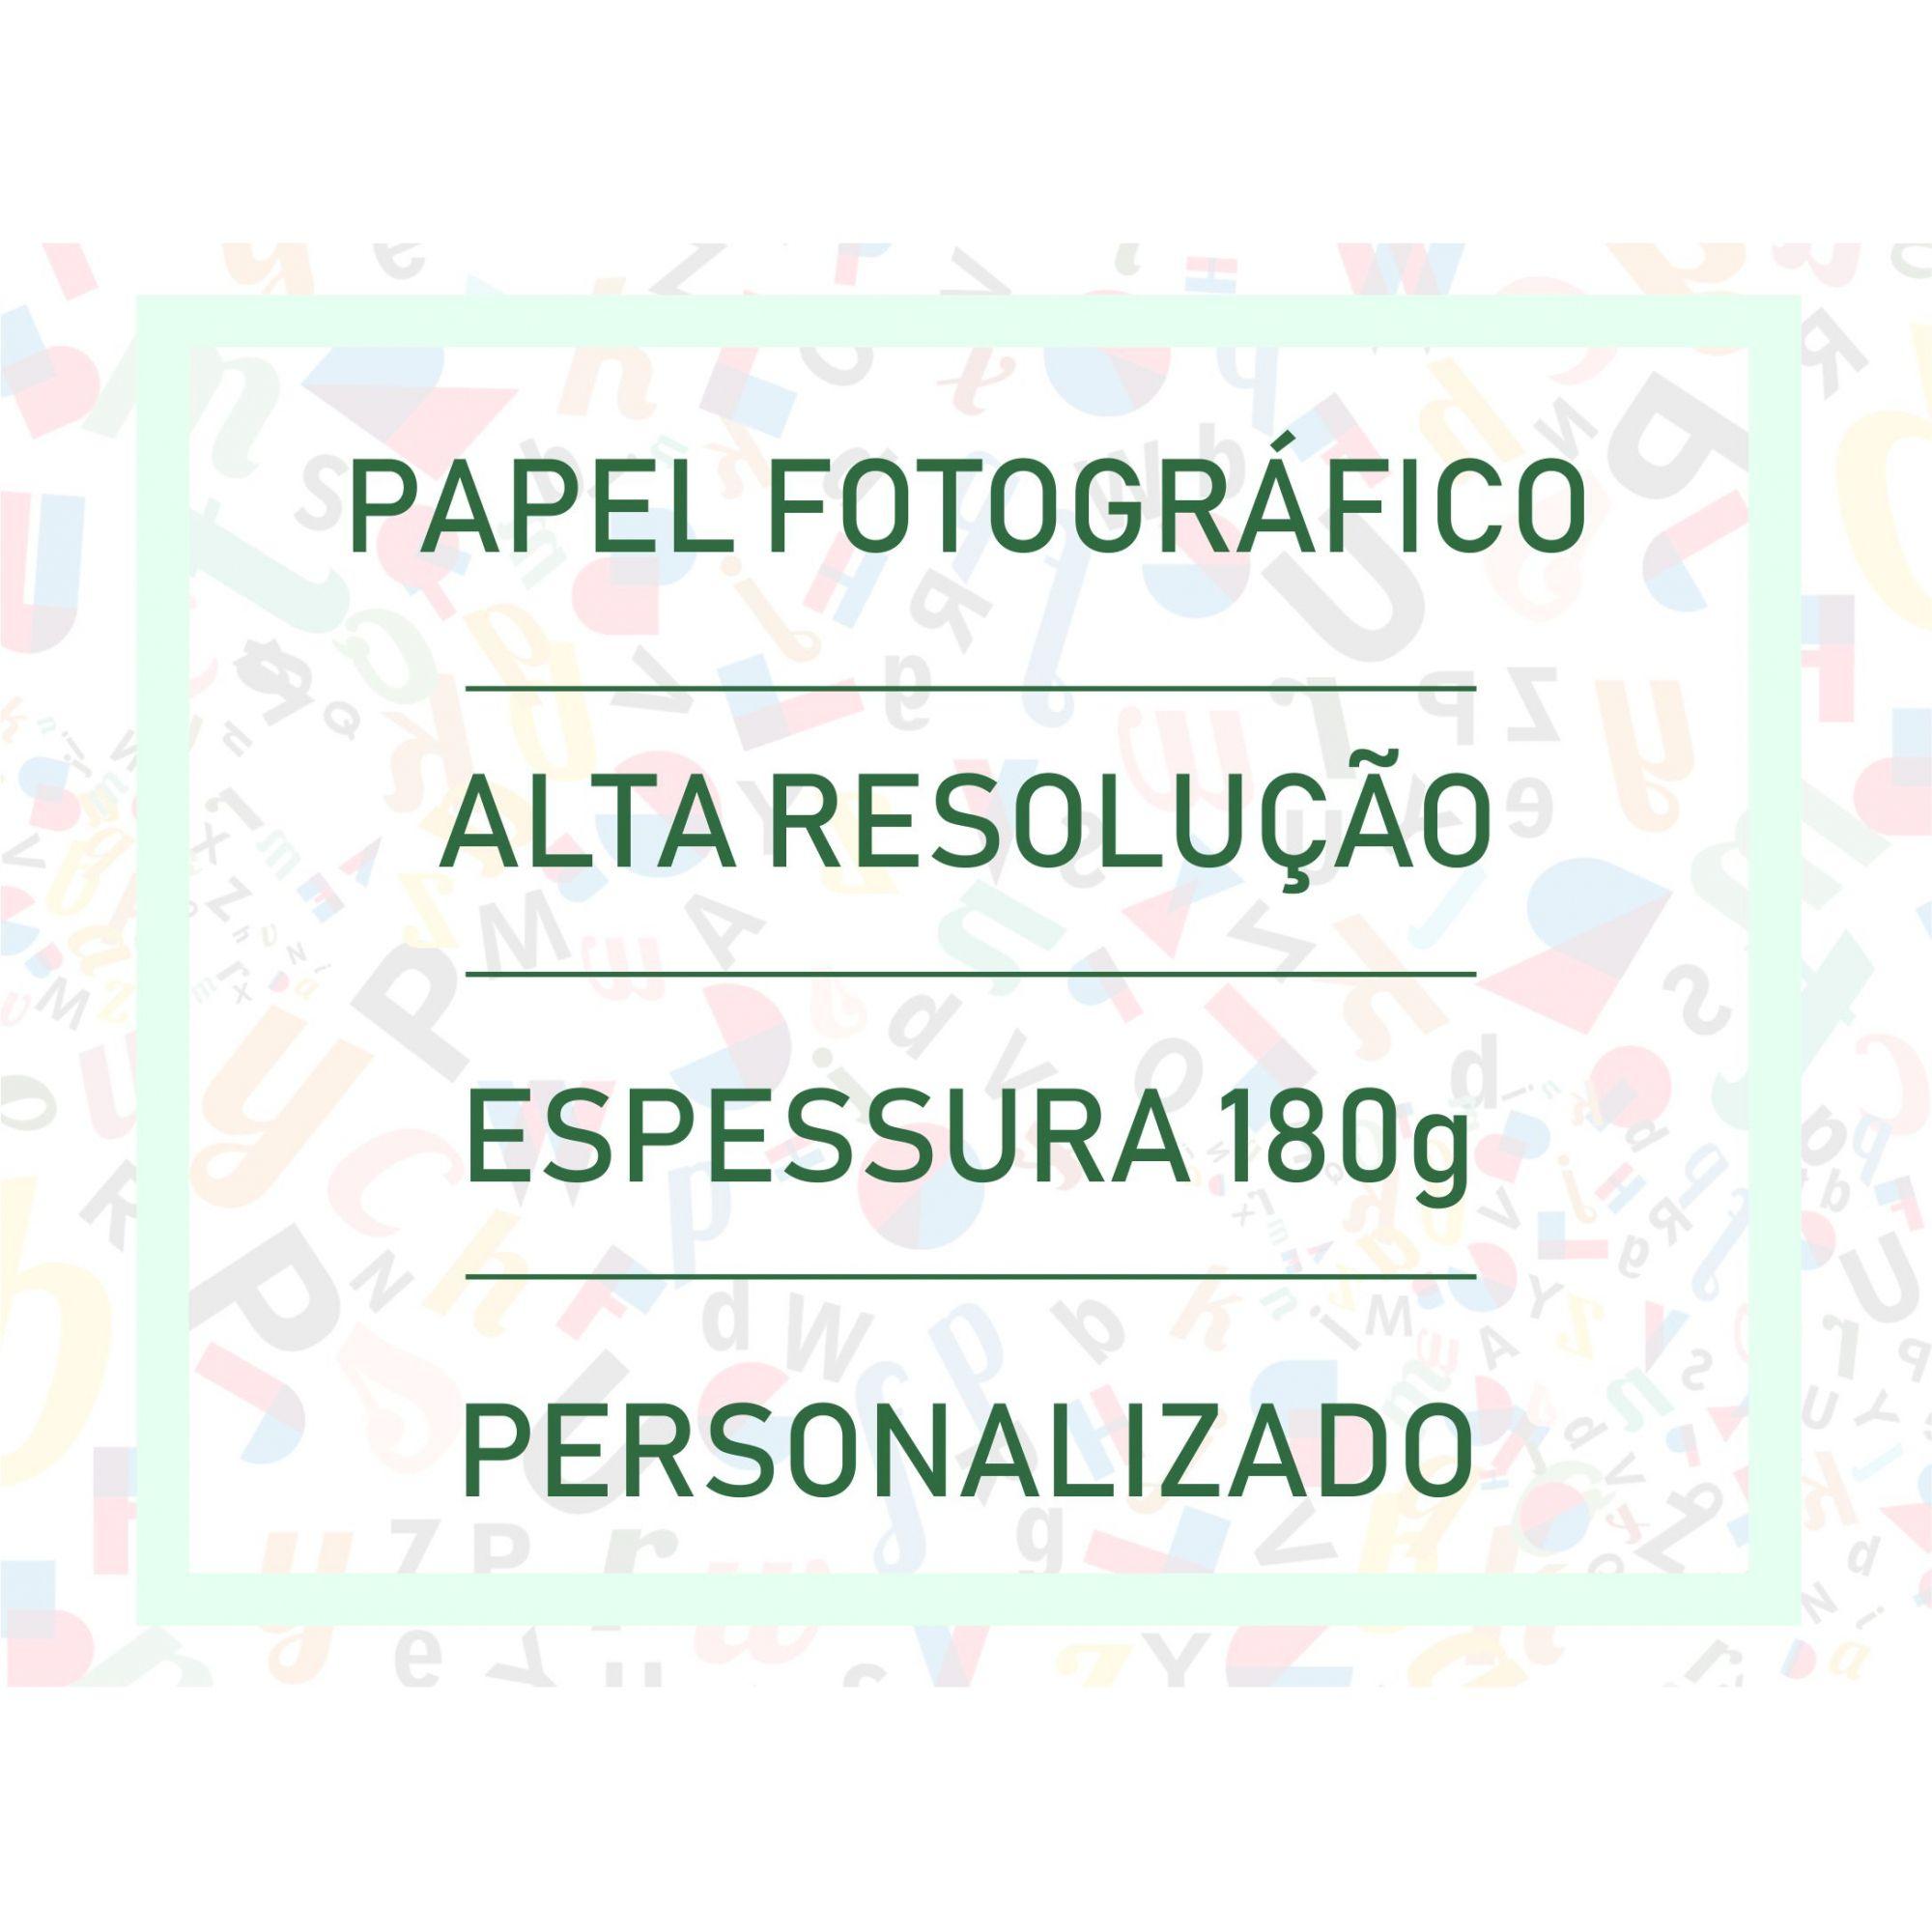 KIT 12 - 07 PRANCHAS NOMEAÇÃO RÁPIDA GRUPOS COM R - cc(r)v